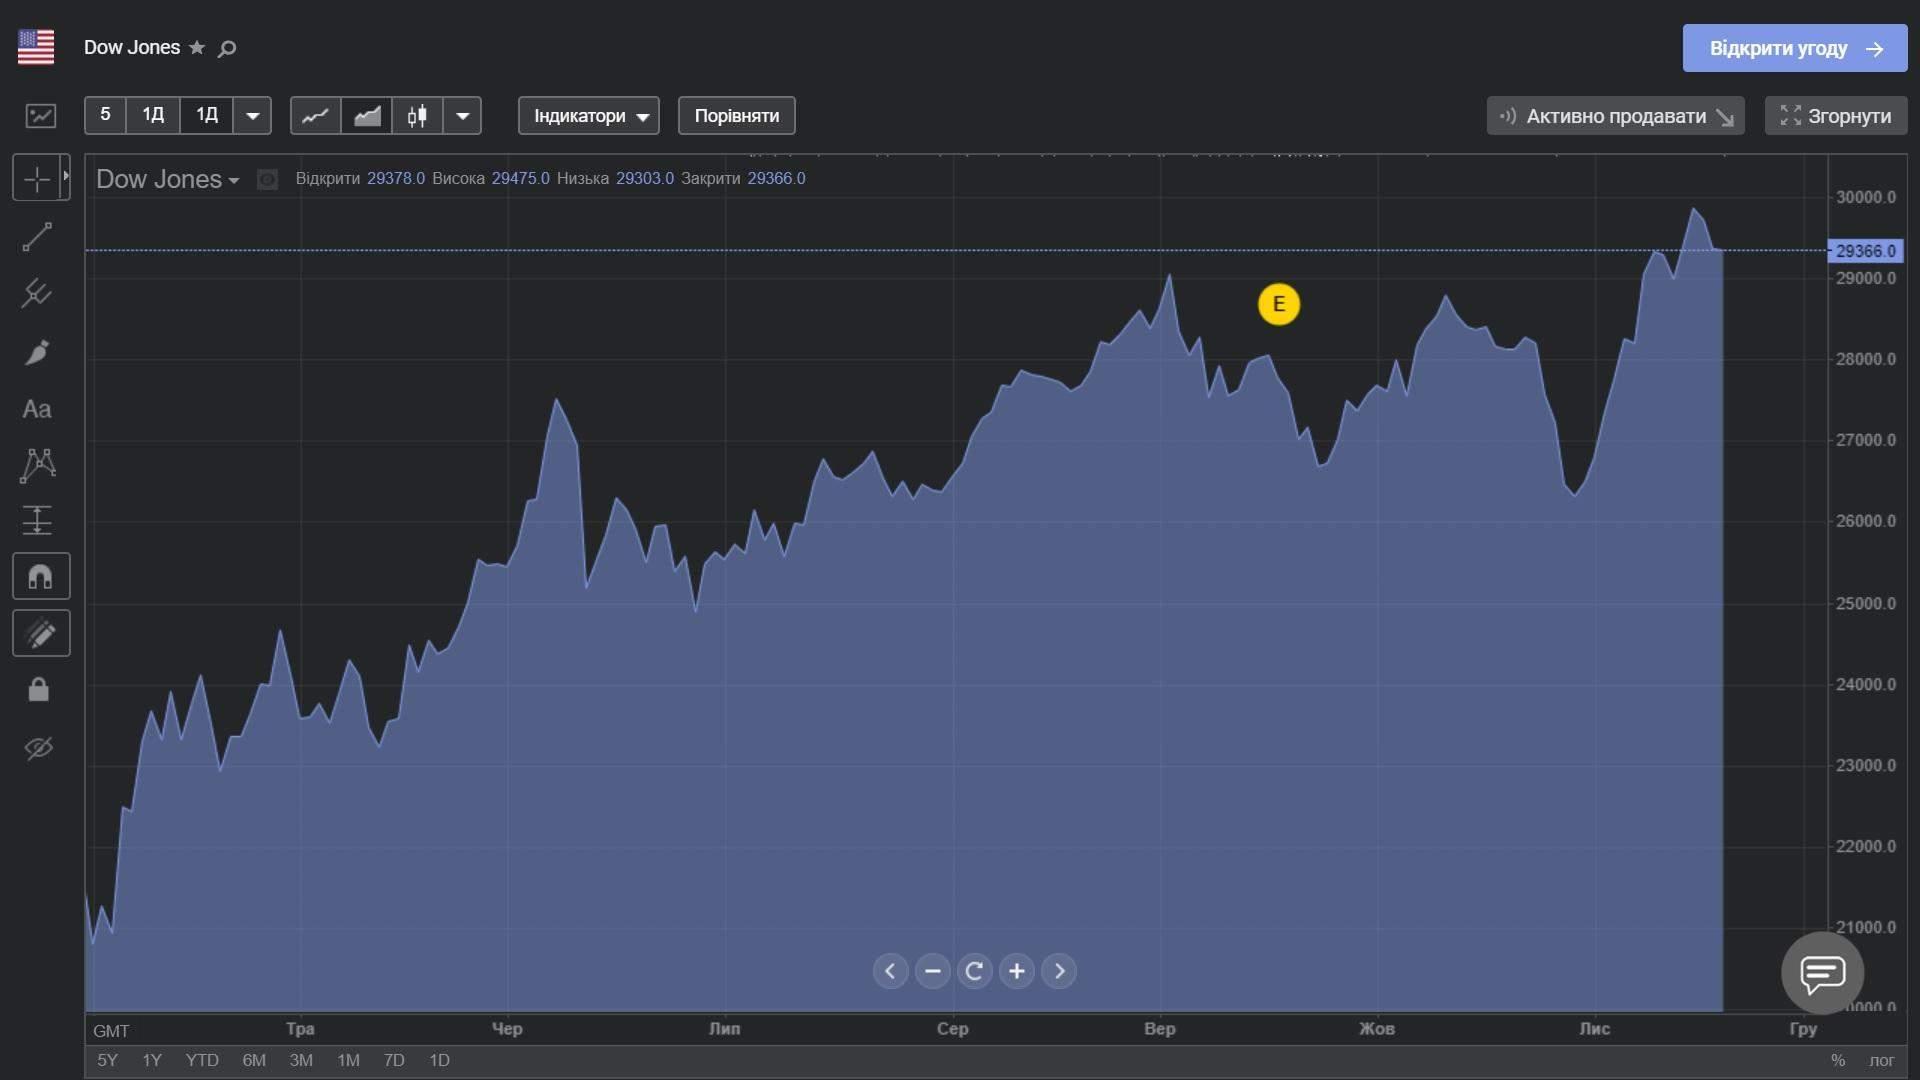 Індекс Dow Jones